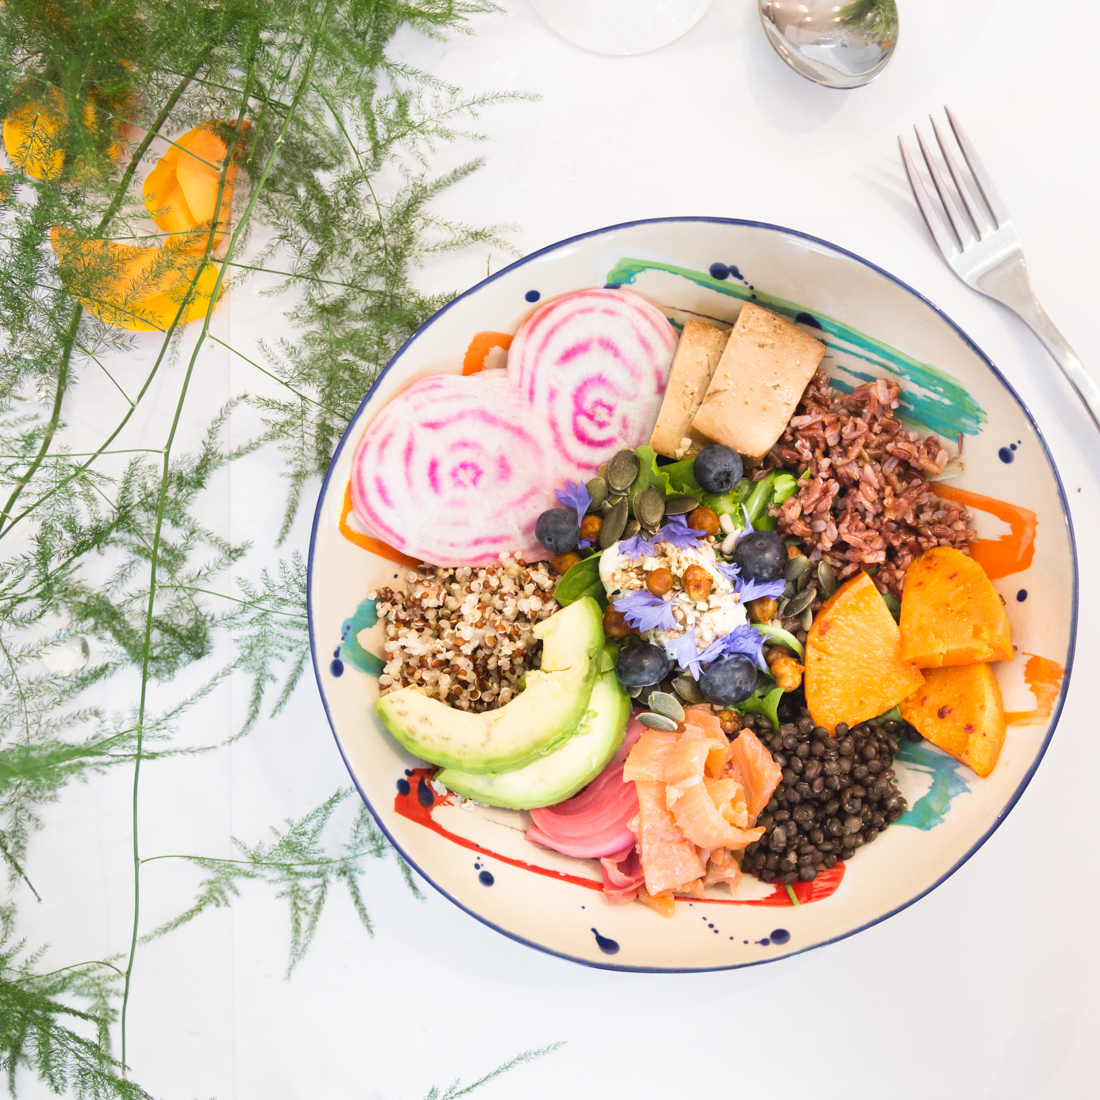 dejeuner-annelyse-chardon-buddha-bowl-baume-et-mercier-ma-petite-promesse-copyright-pauline-paulinefashionblog-com-4